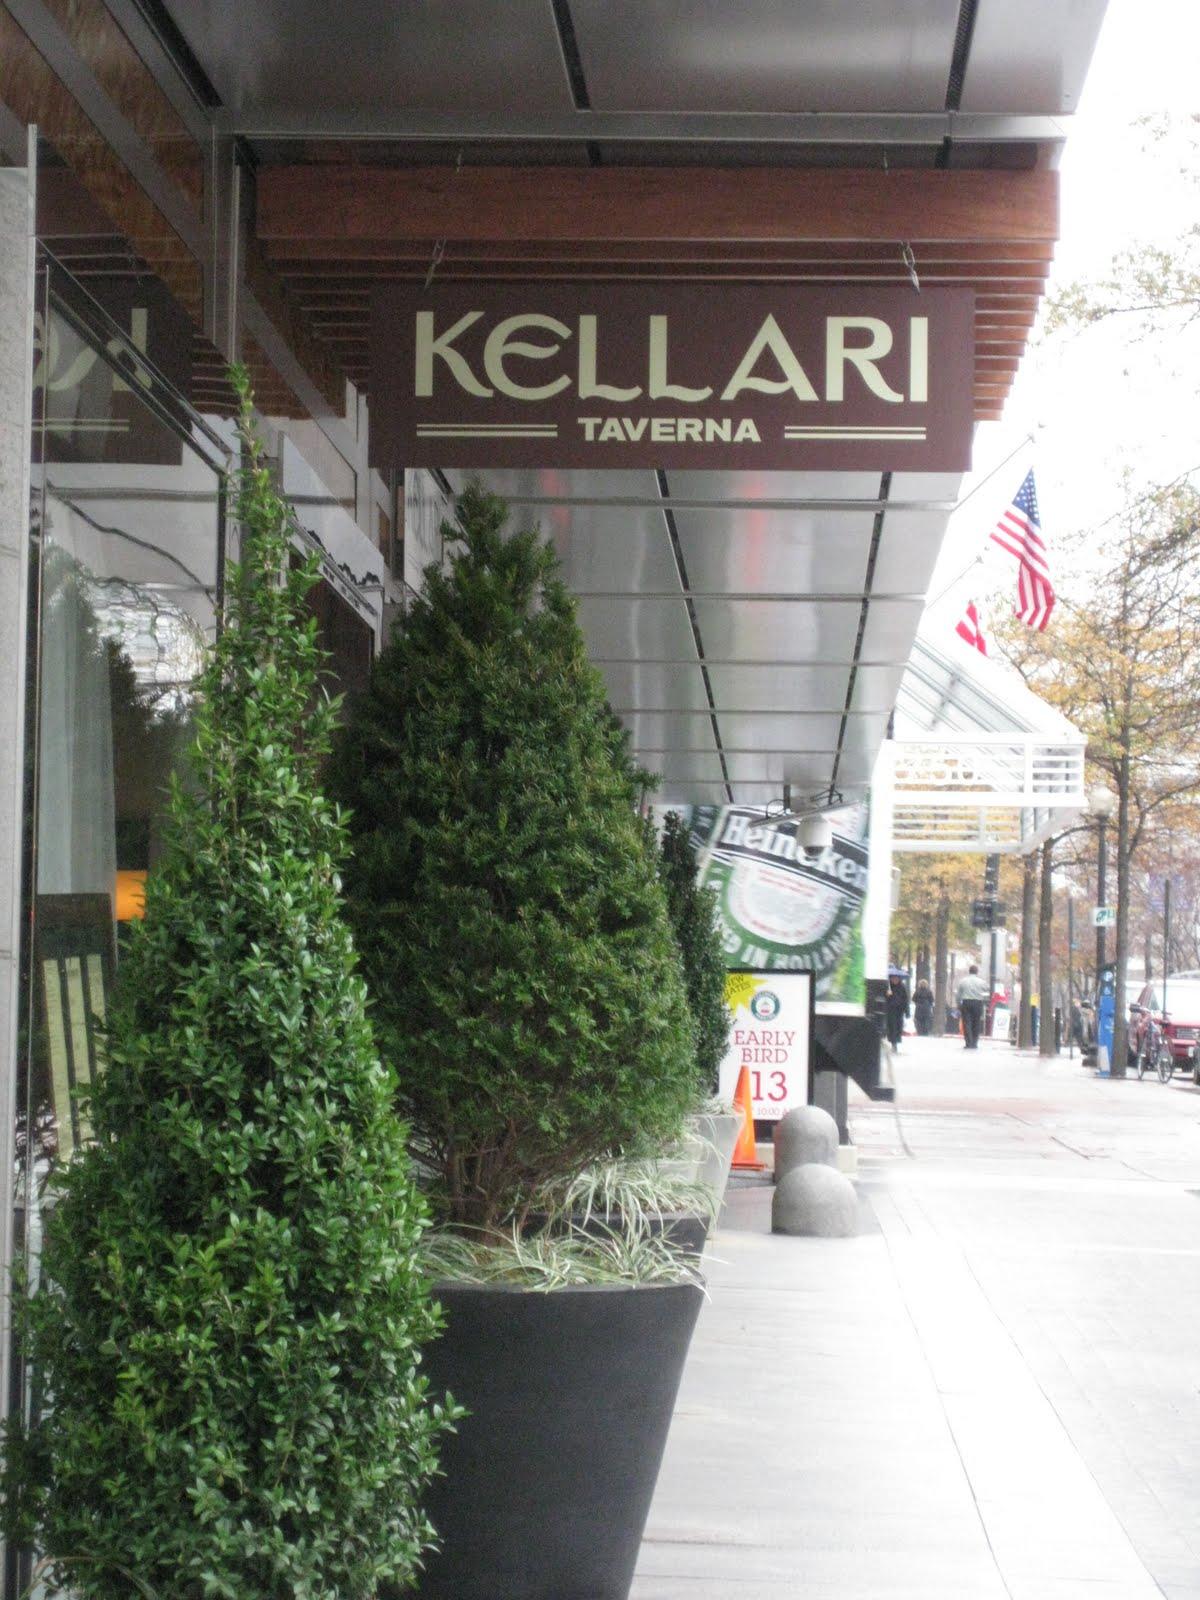 KELLARI TAVERNA NYC